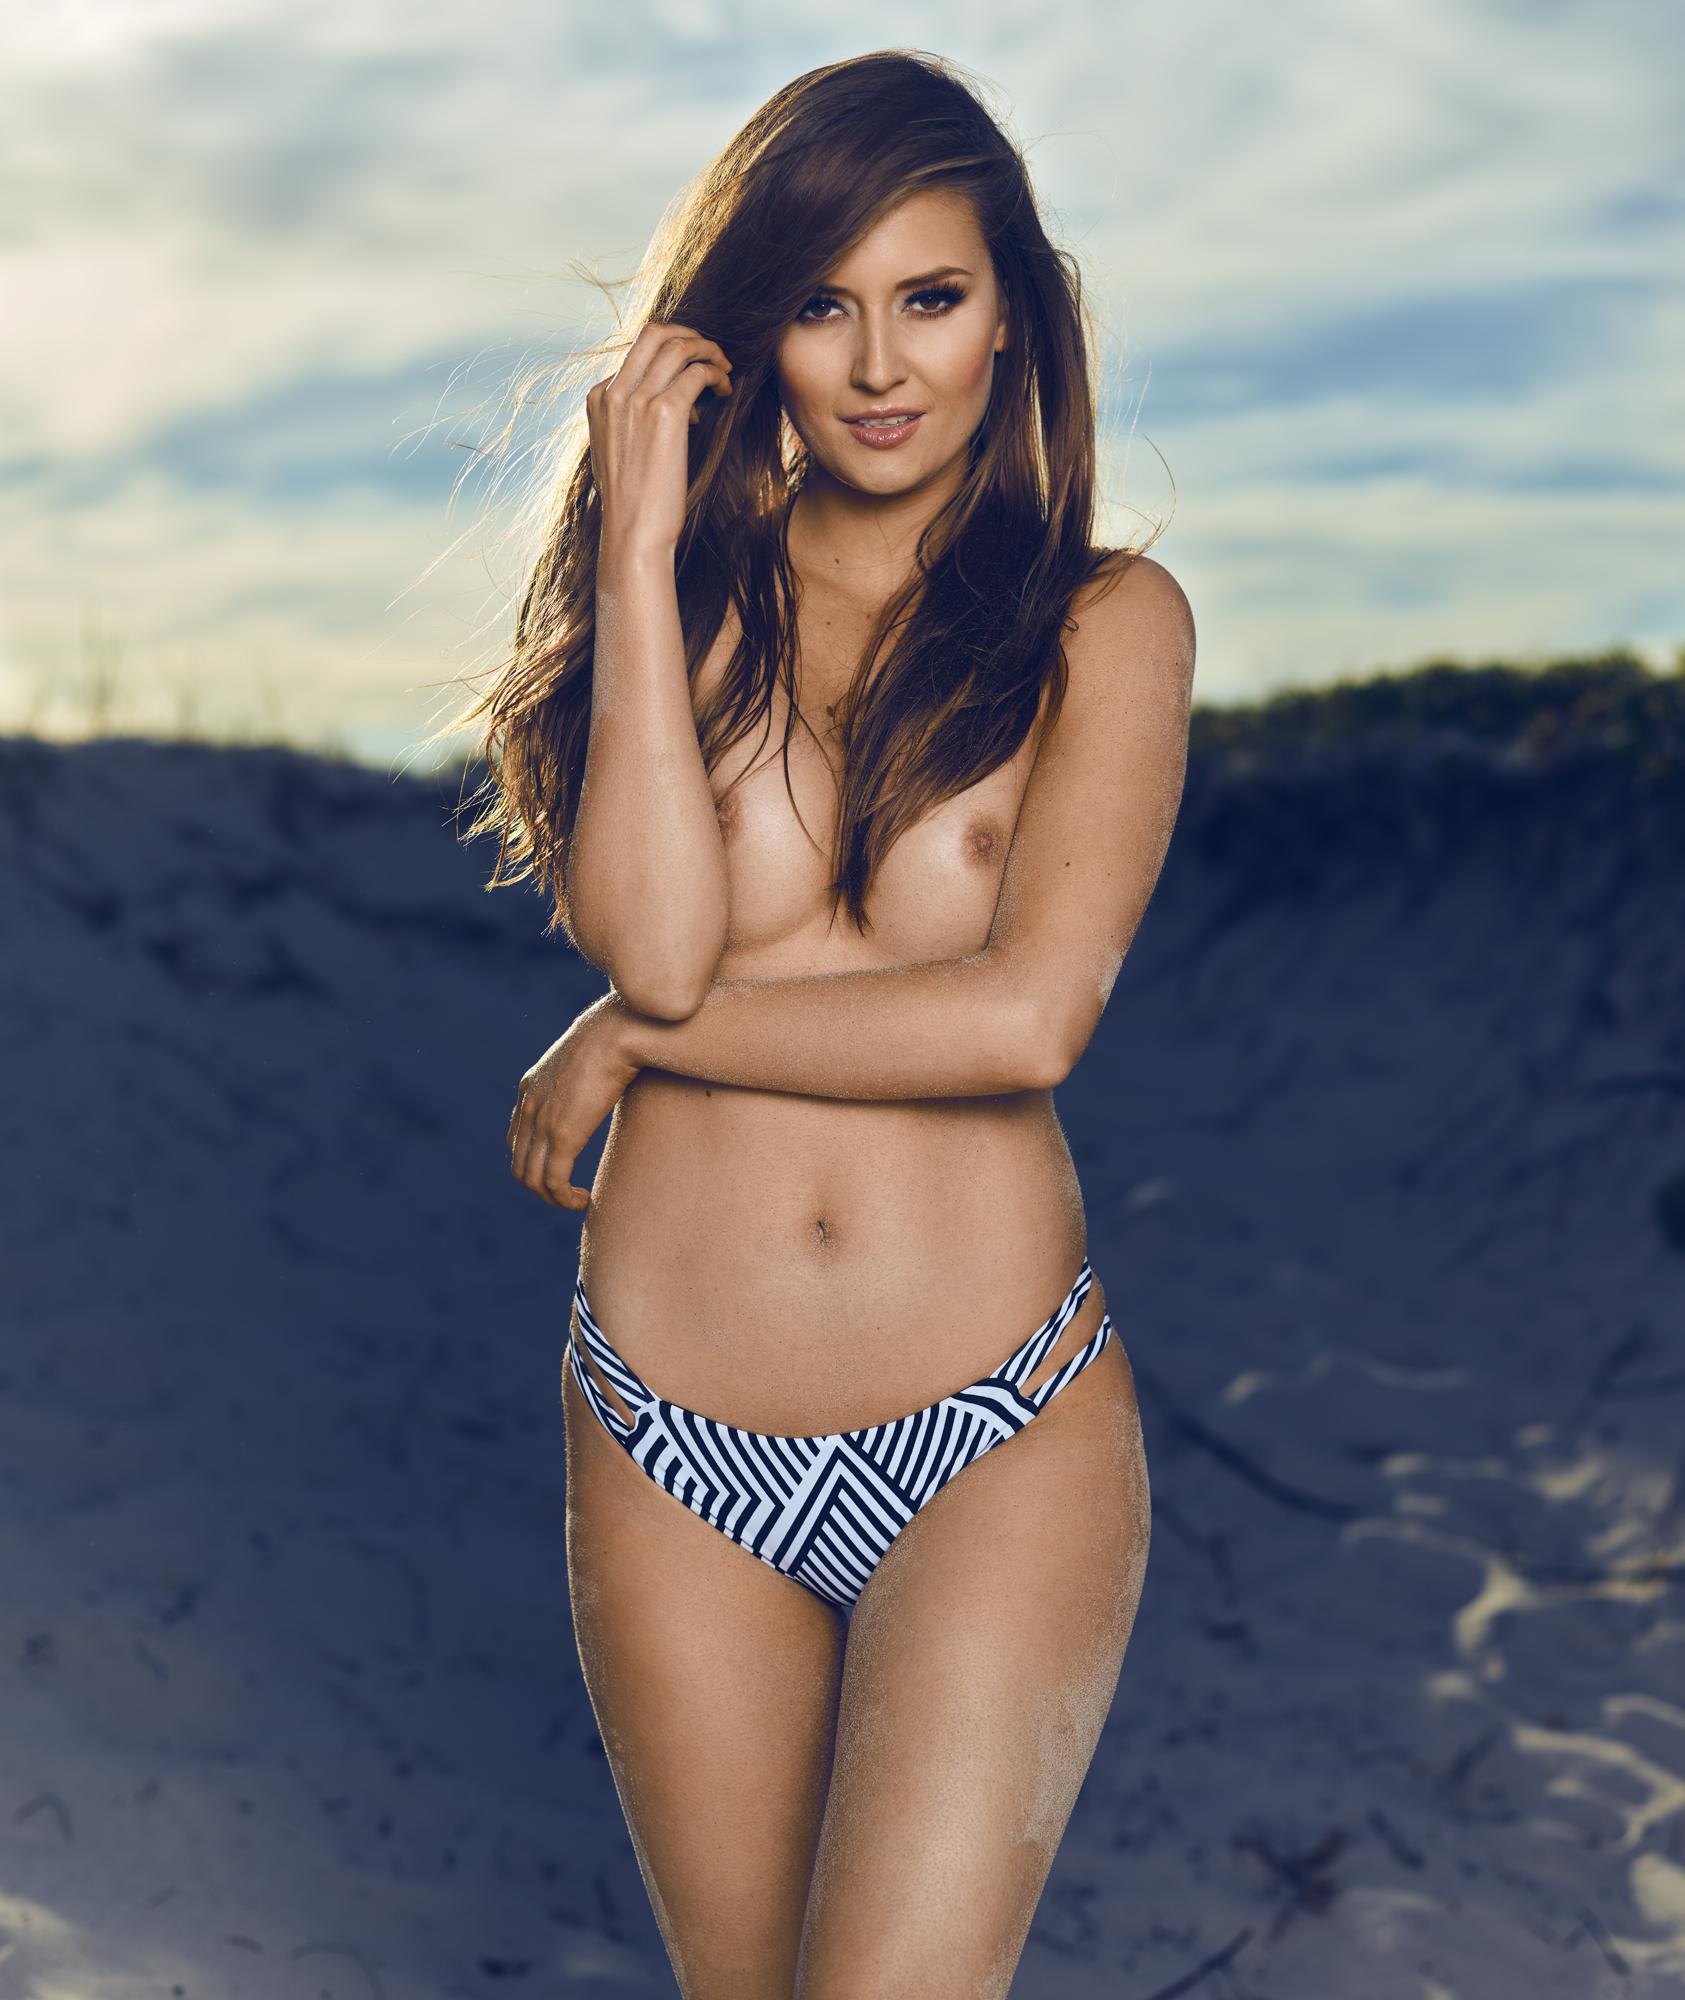 fotograf christian grüner model Emily Vienberg Poulsen topless topløs strand beach bikini nipples brunette